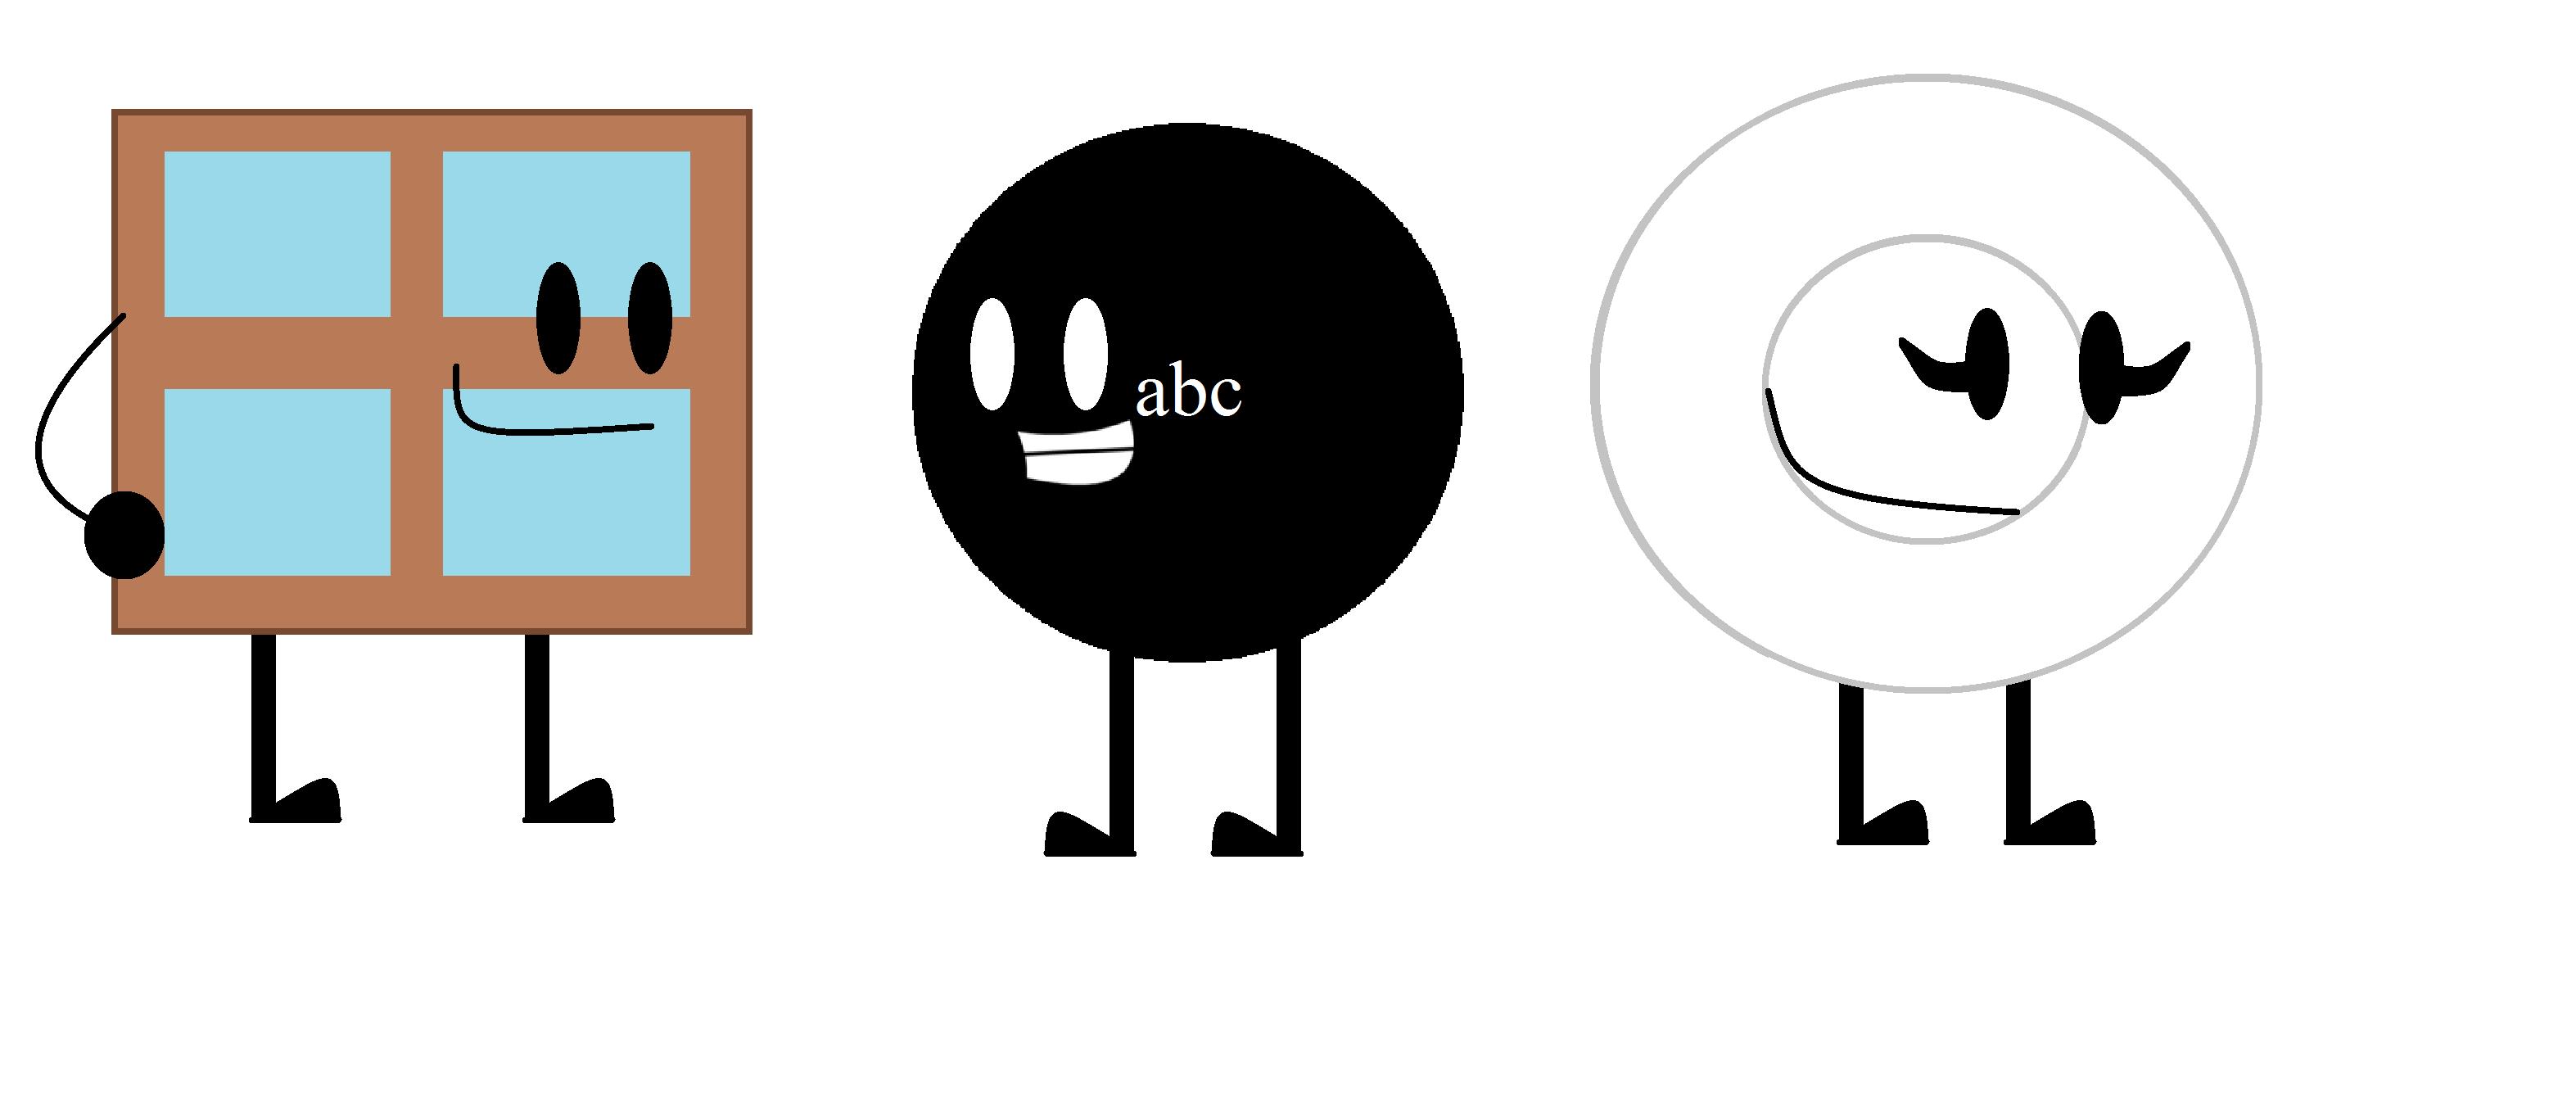 Object Filler Fan-Art